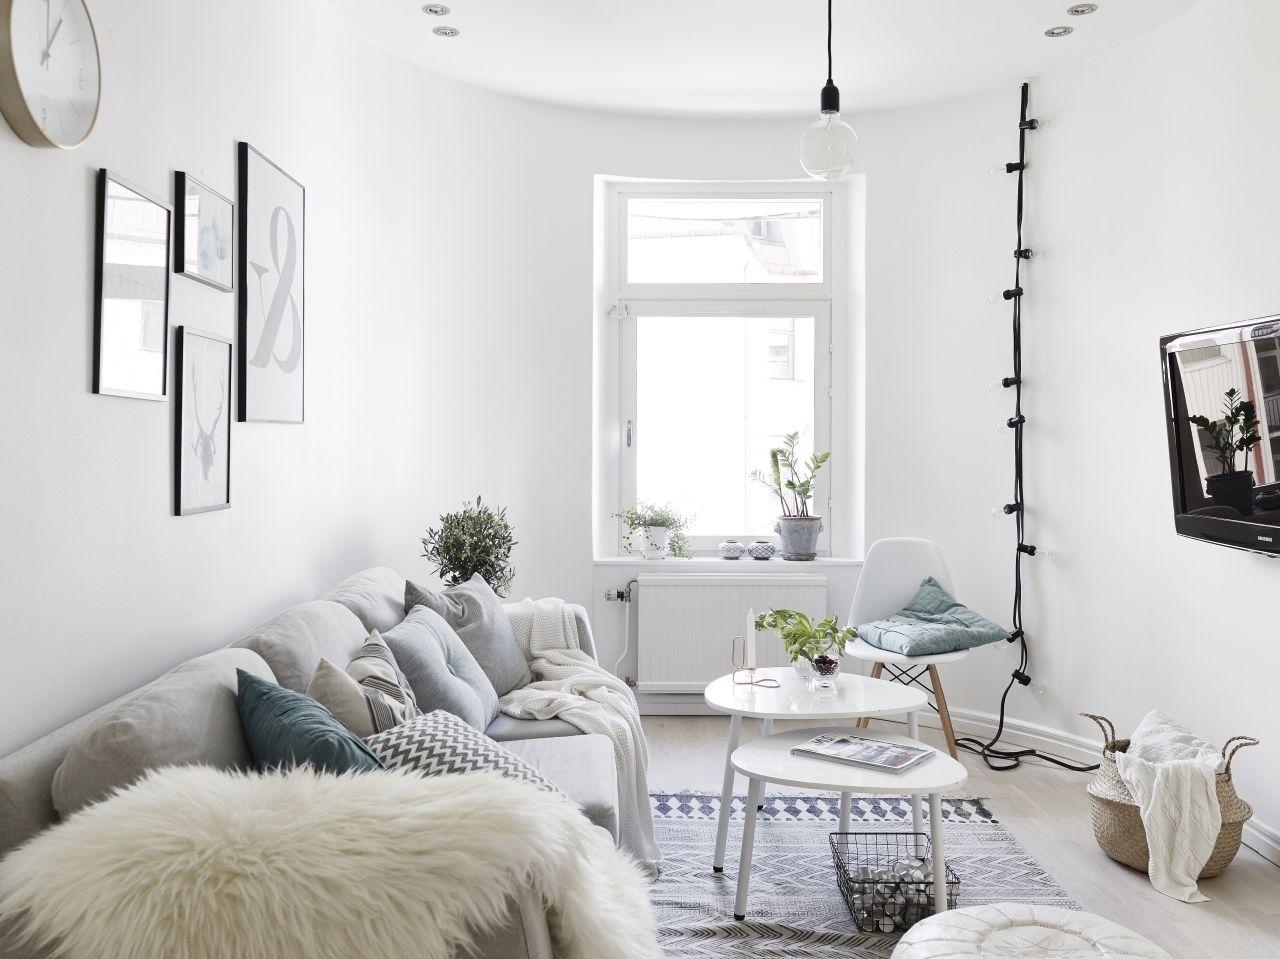 wohnraumgestaltung: einrichtungsstil Übersicht + 50 ideen - Wohnraumgestaltung